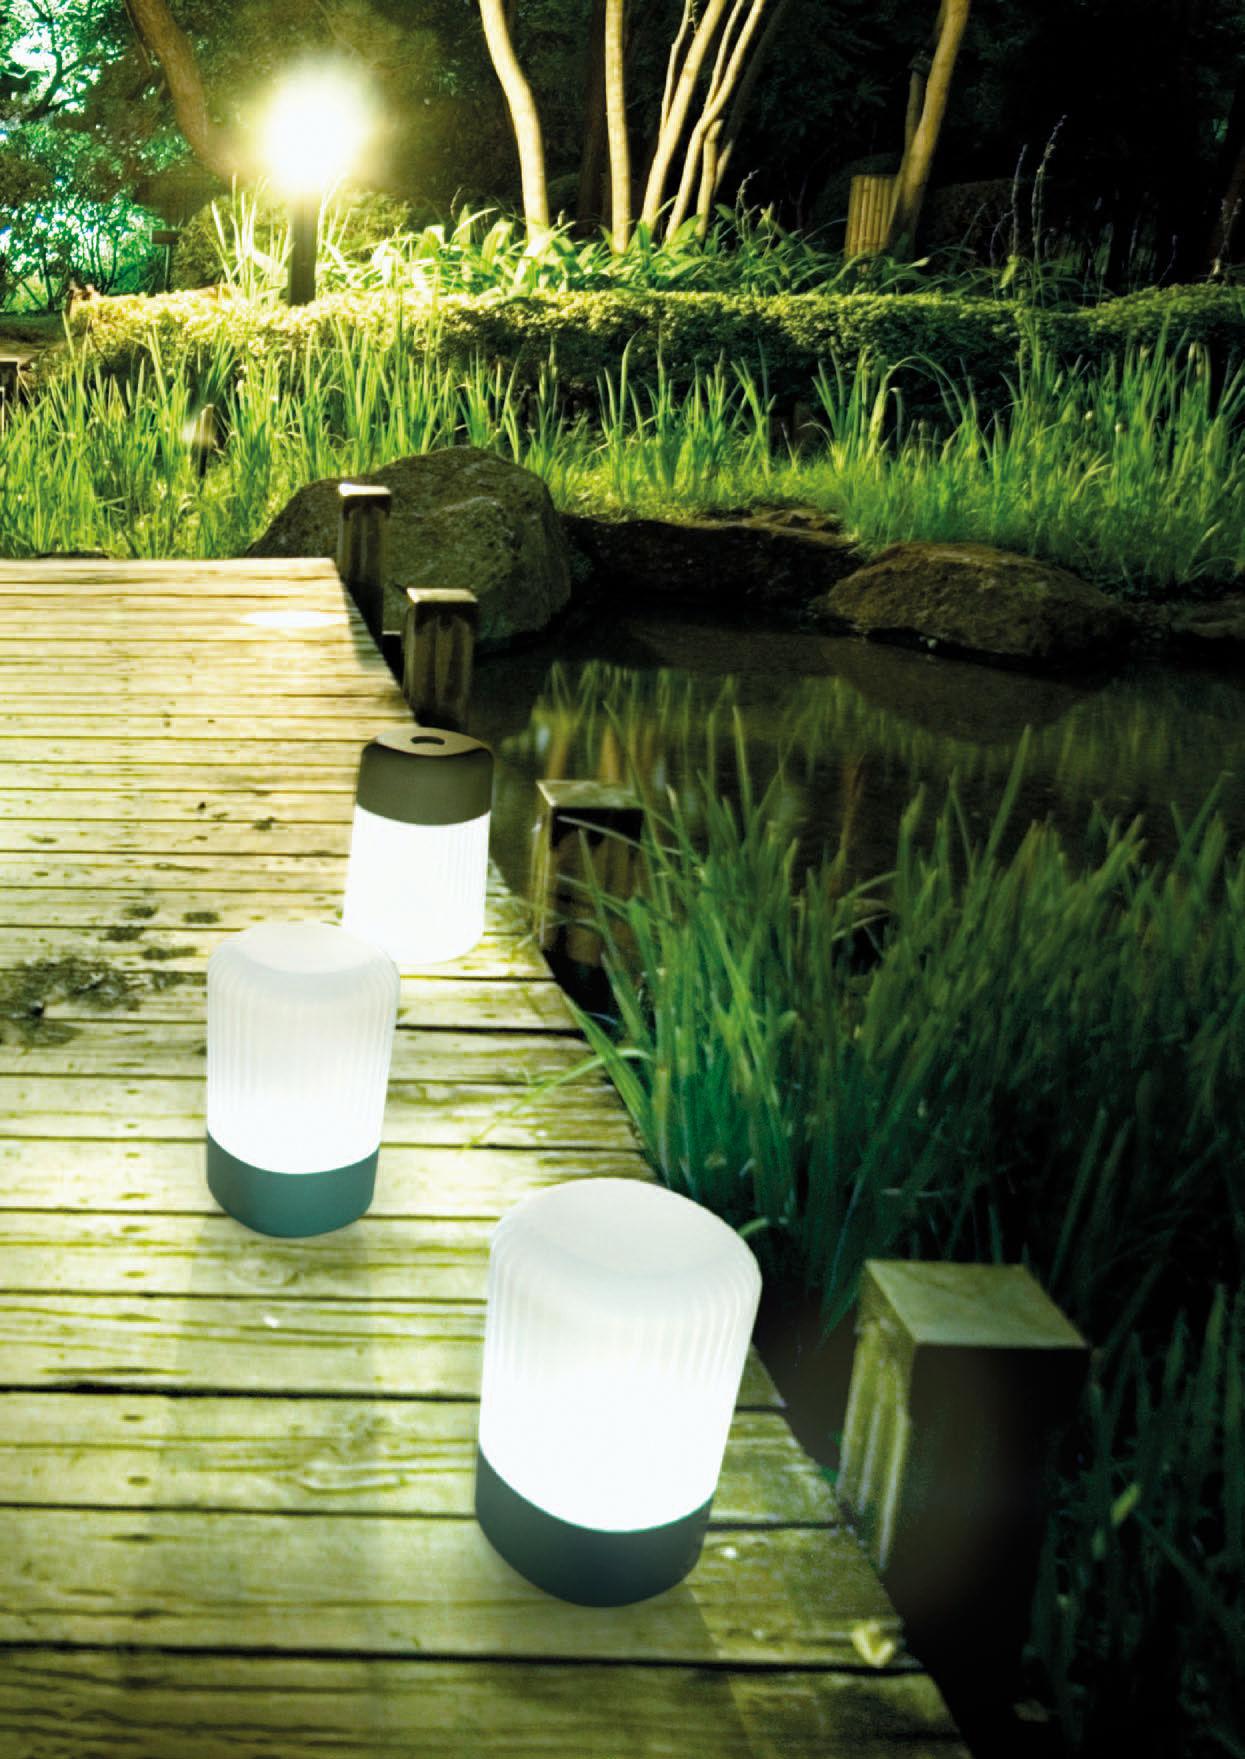 Koho lampada senza fili led ricaricabile senza fili grigio by fontana arte made in design - Lampada da tavolo senza fili ...